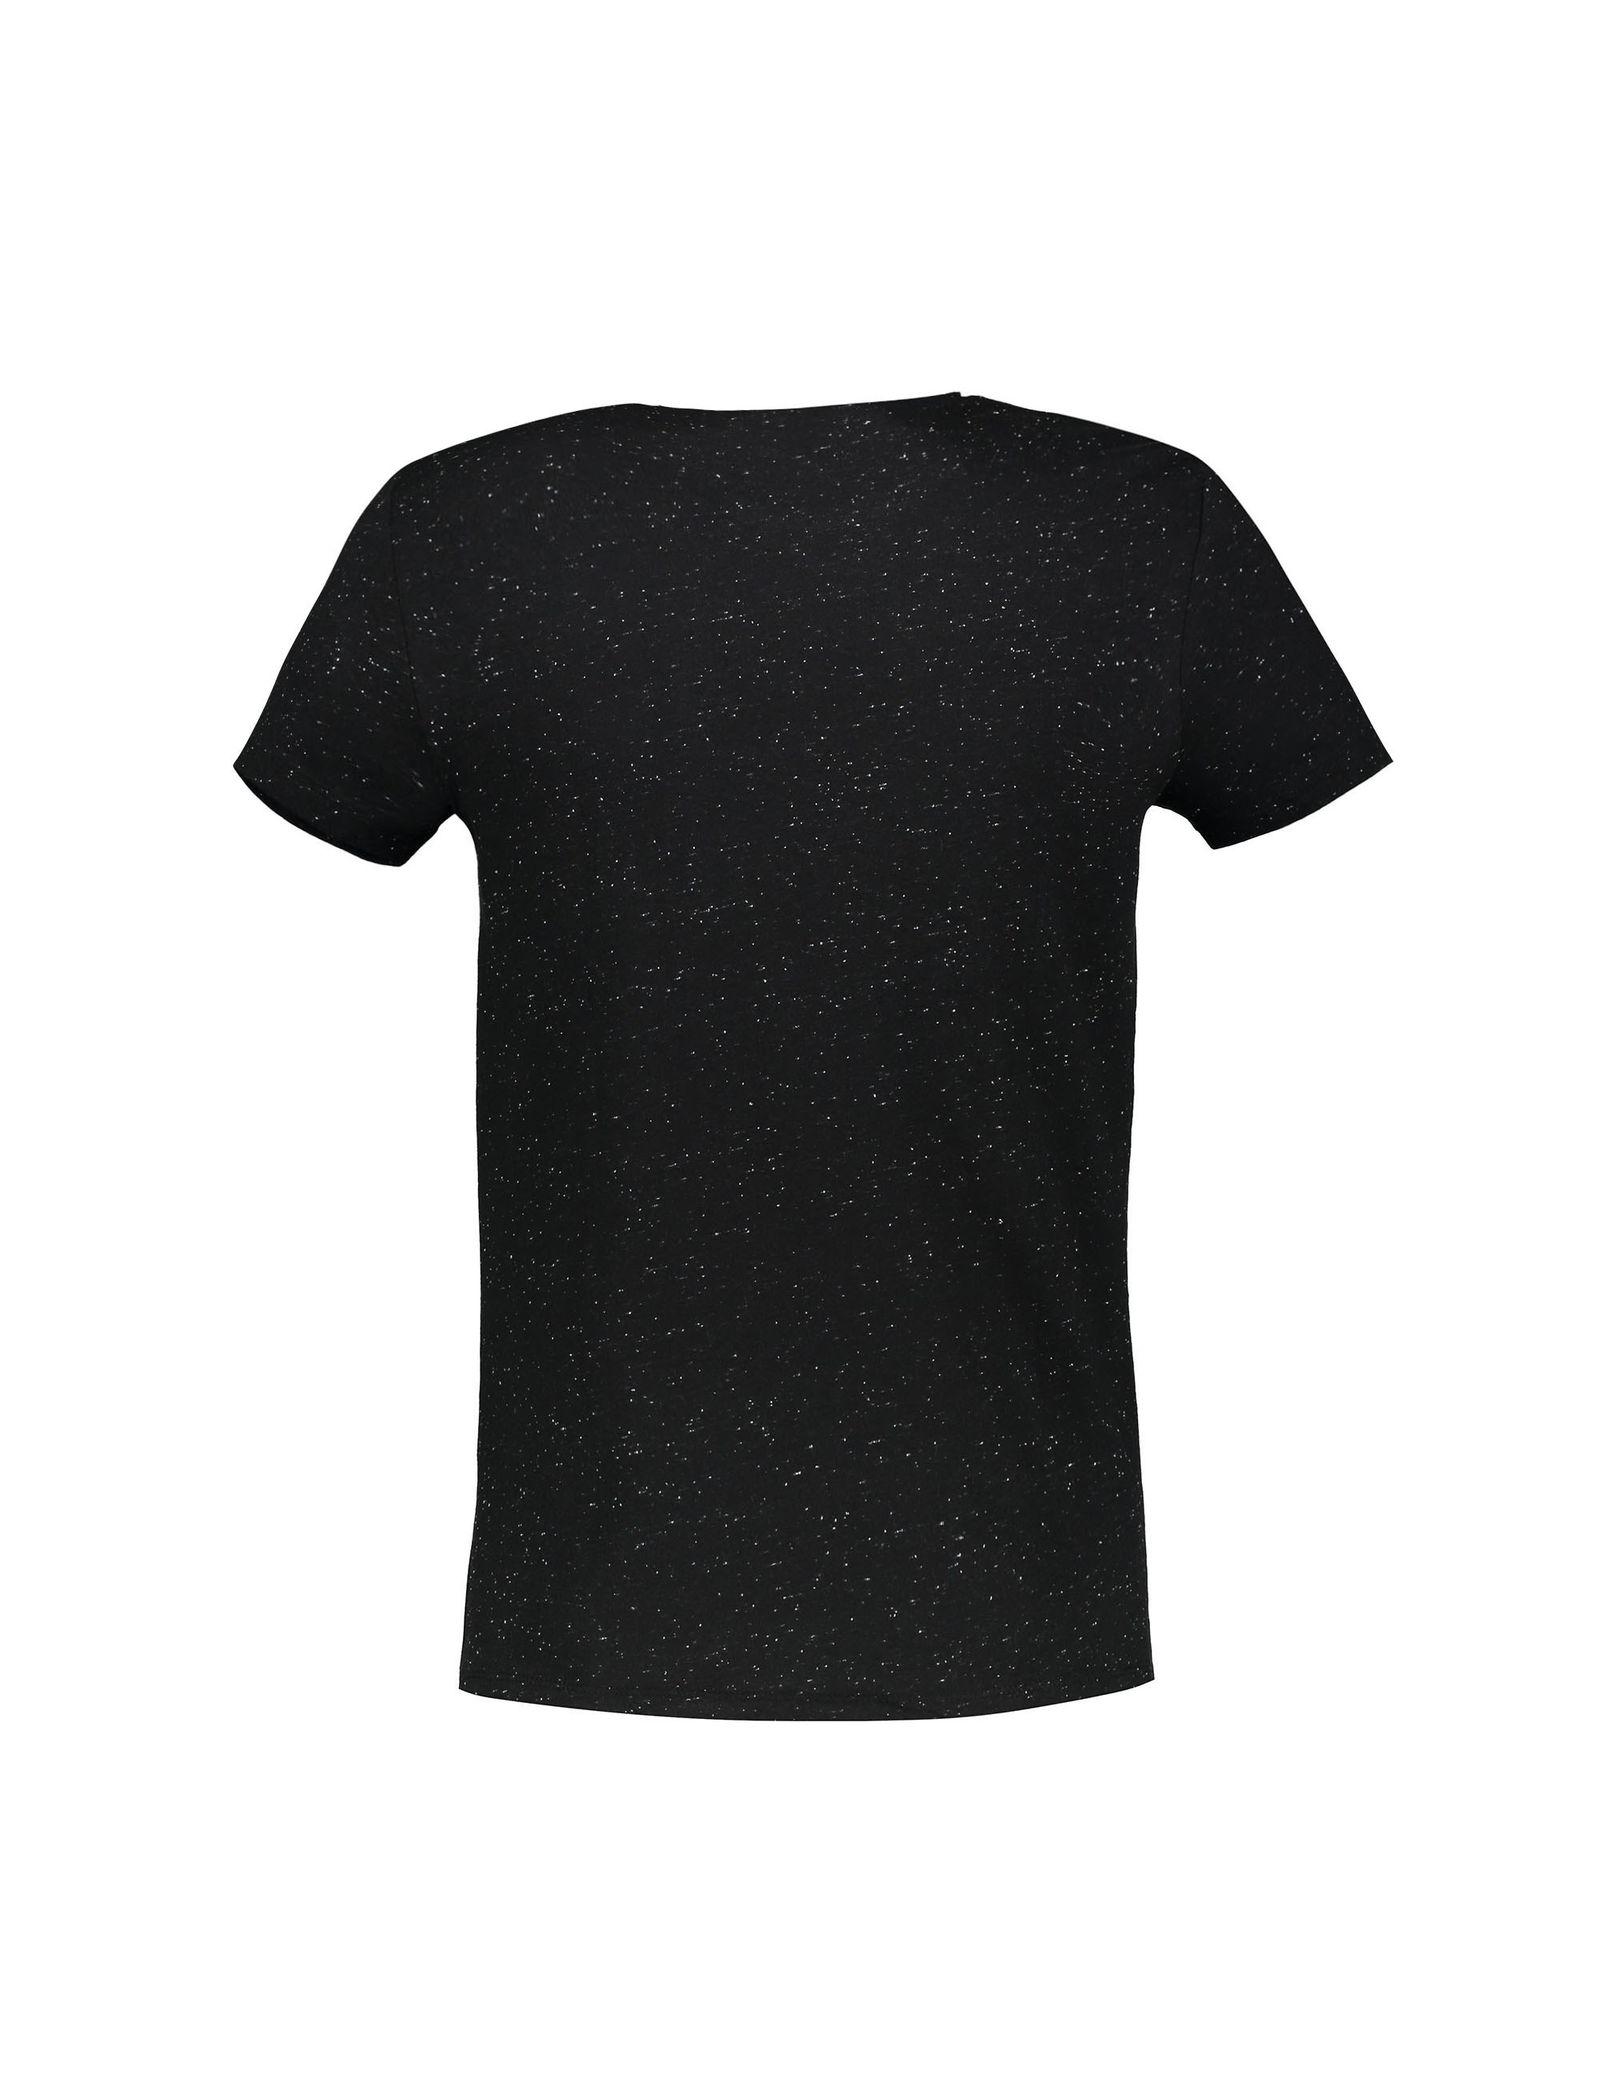 تی شرت نخی یقه گرد مردانه - ال سی وایکیکی - مشکي - 2